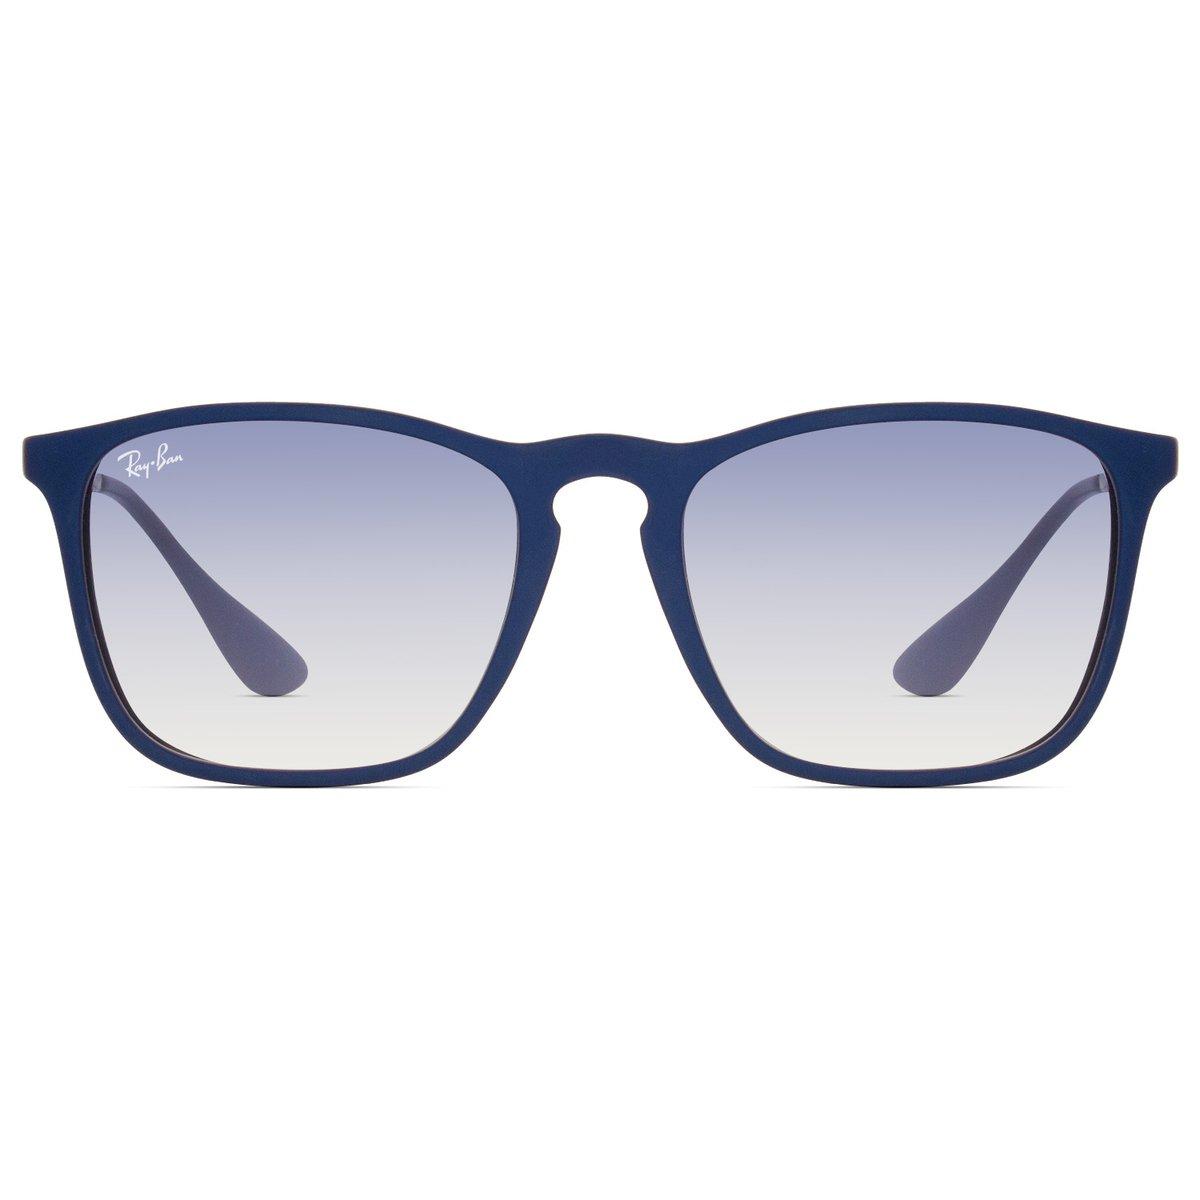 363b66eb3117c Óculos de Sol Oakley Crossrange - Compre Agora